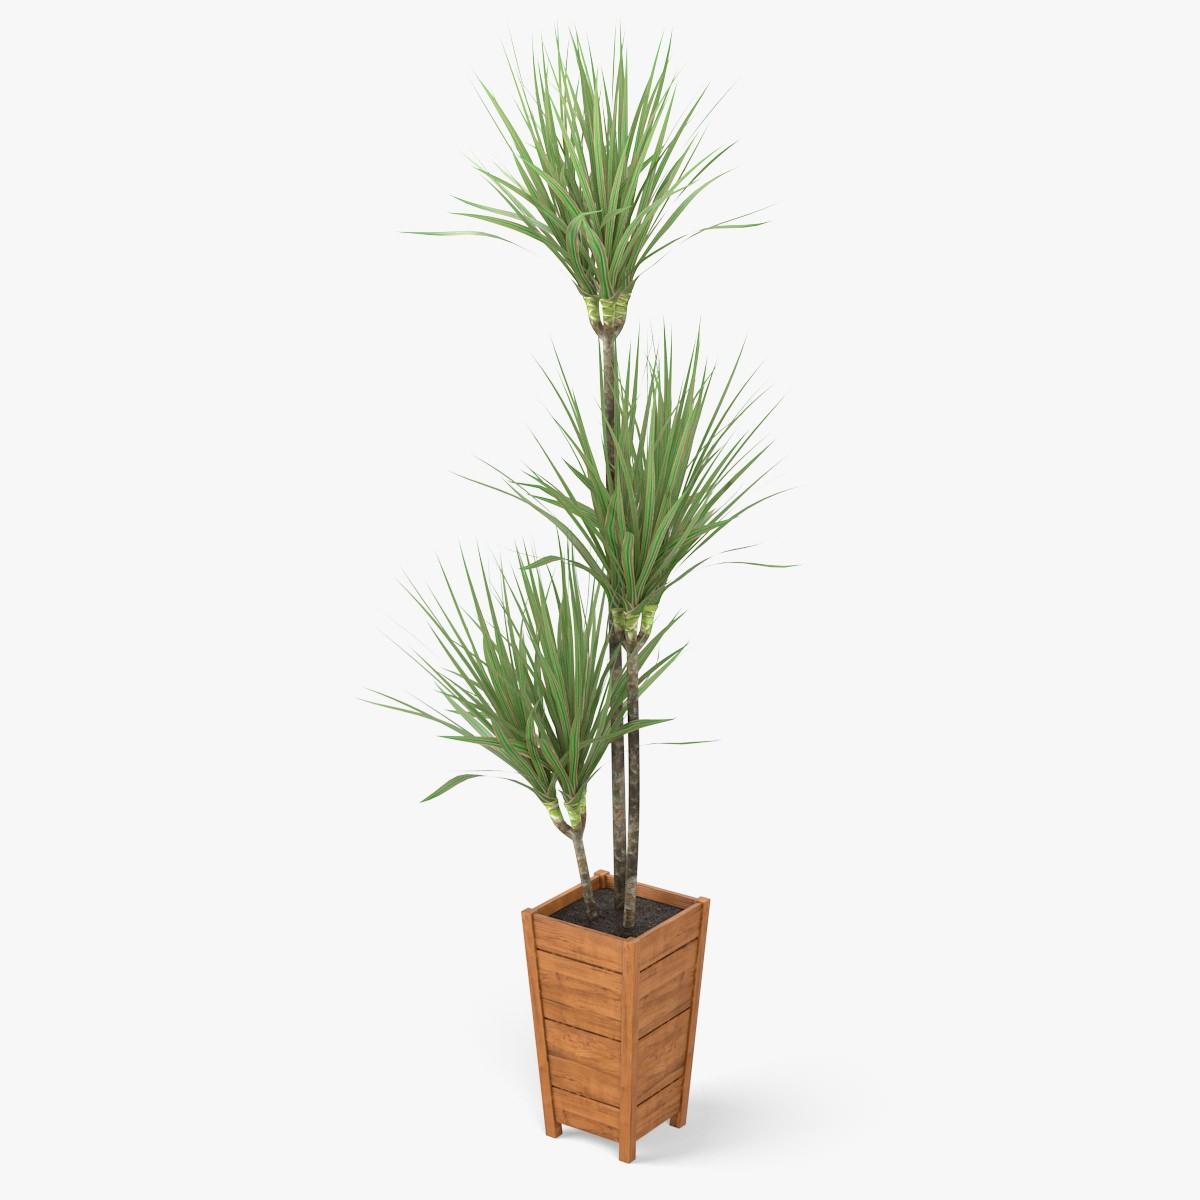 dracaena marginata plant 3d model max obj fbx c4d. Black Bedroom Furniture Sets. Home Design Ideas